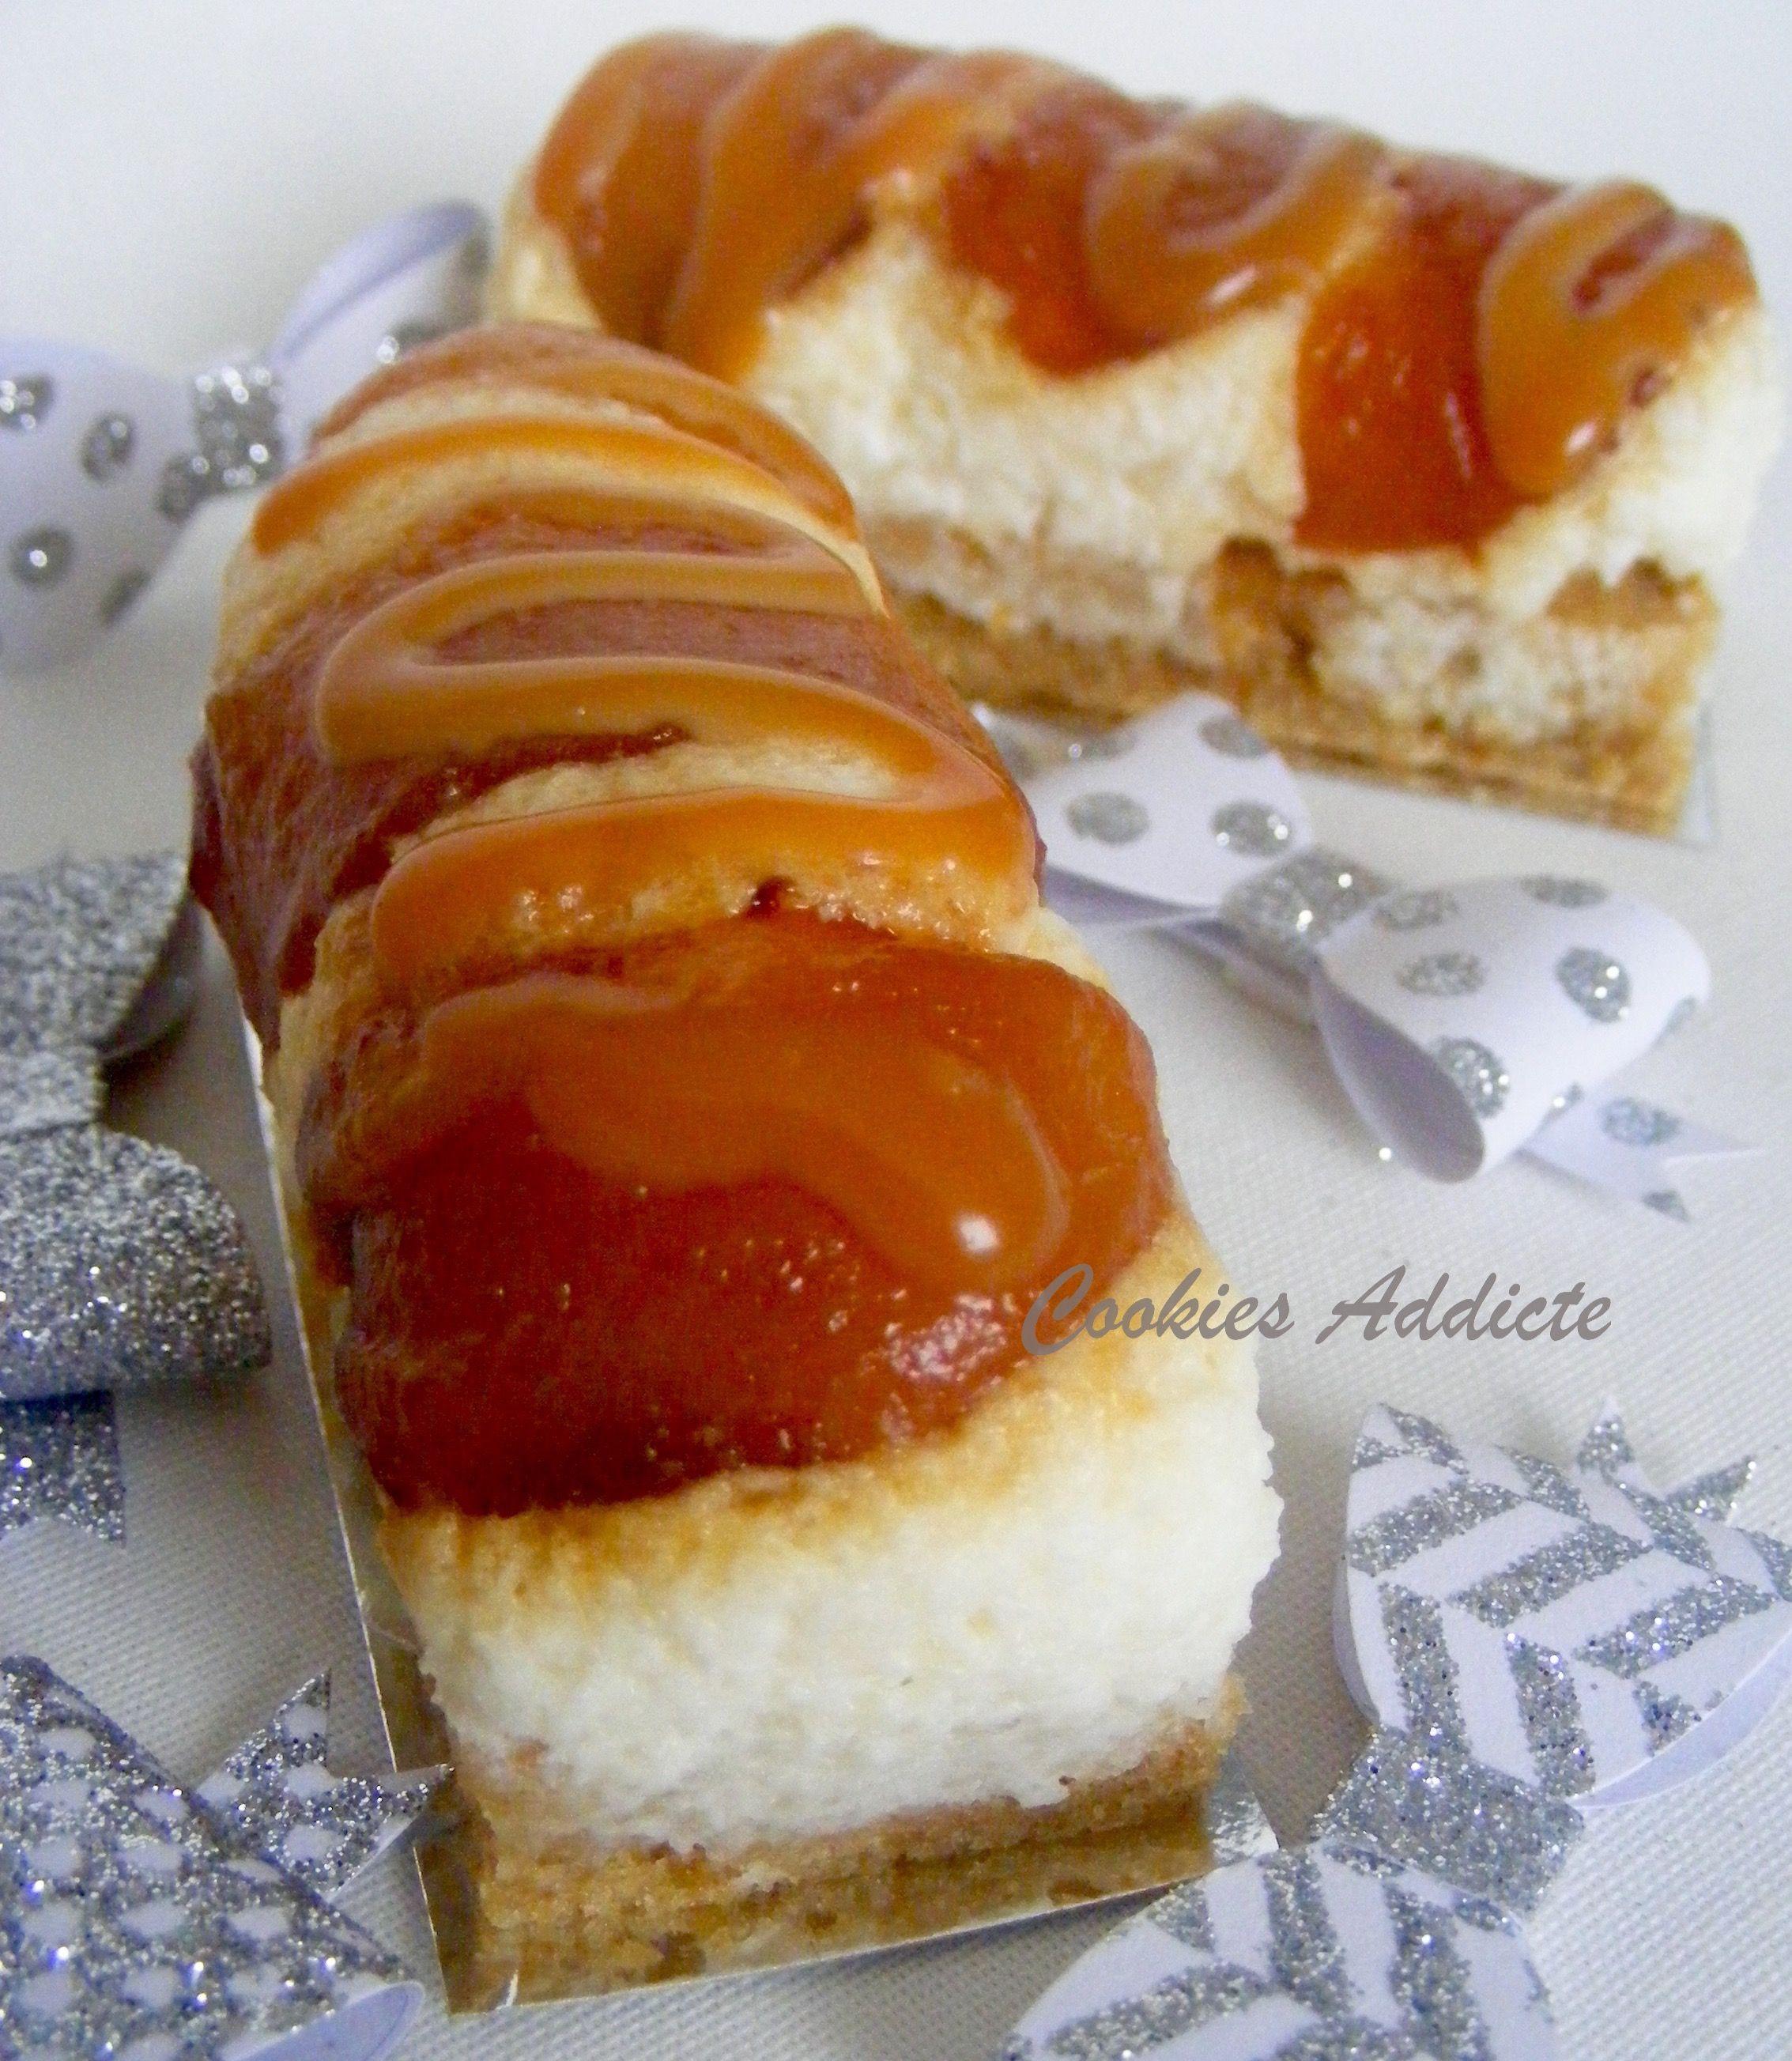 Mini-bûches poire,caramel, spéculoos  La recette sur http://cookiesaddicte.com